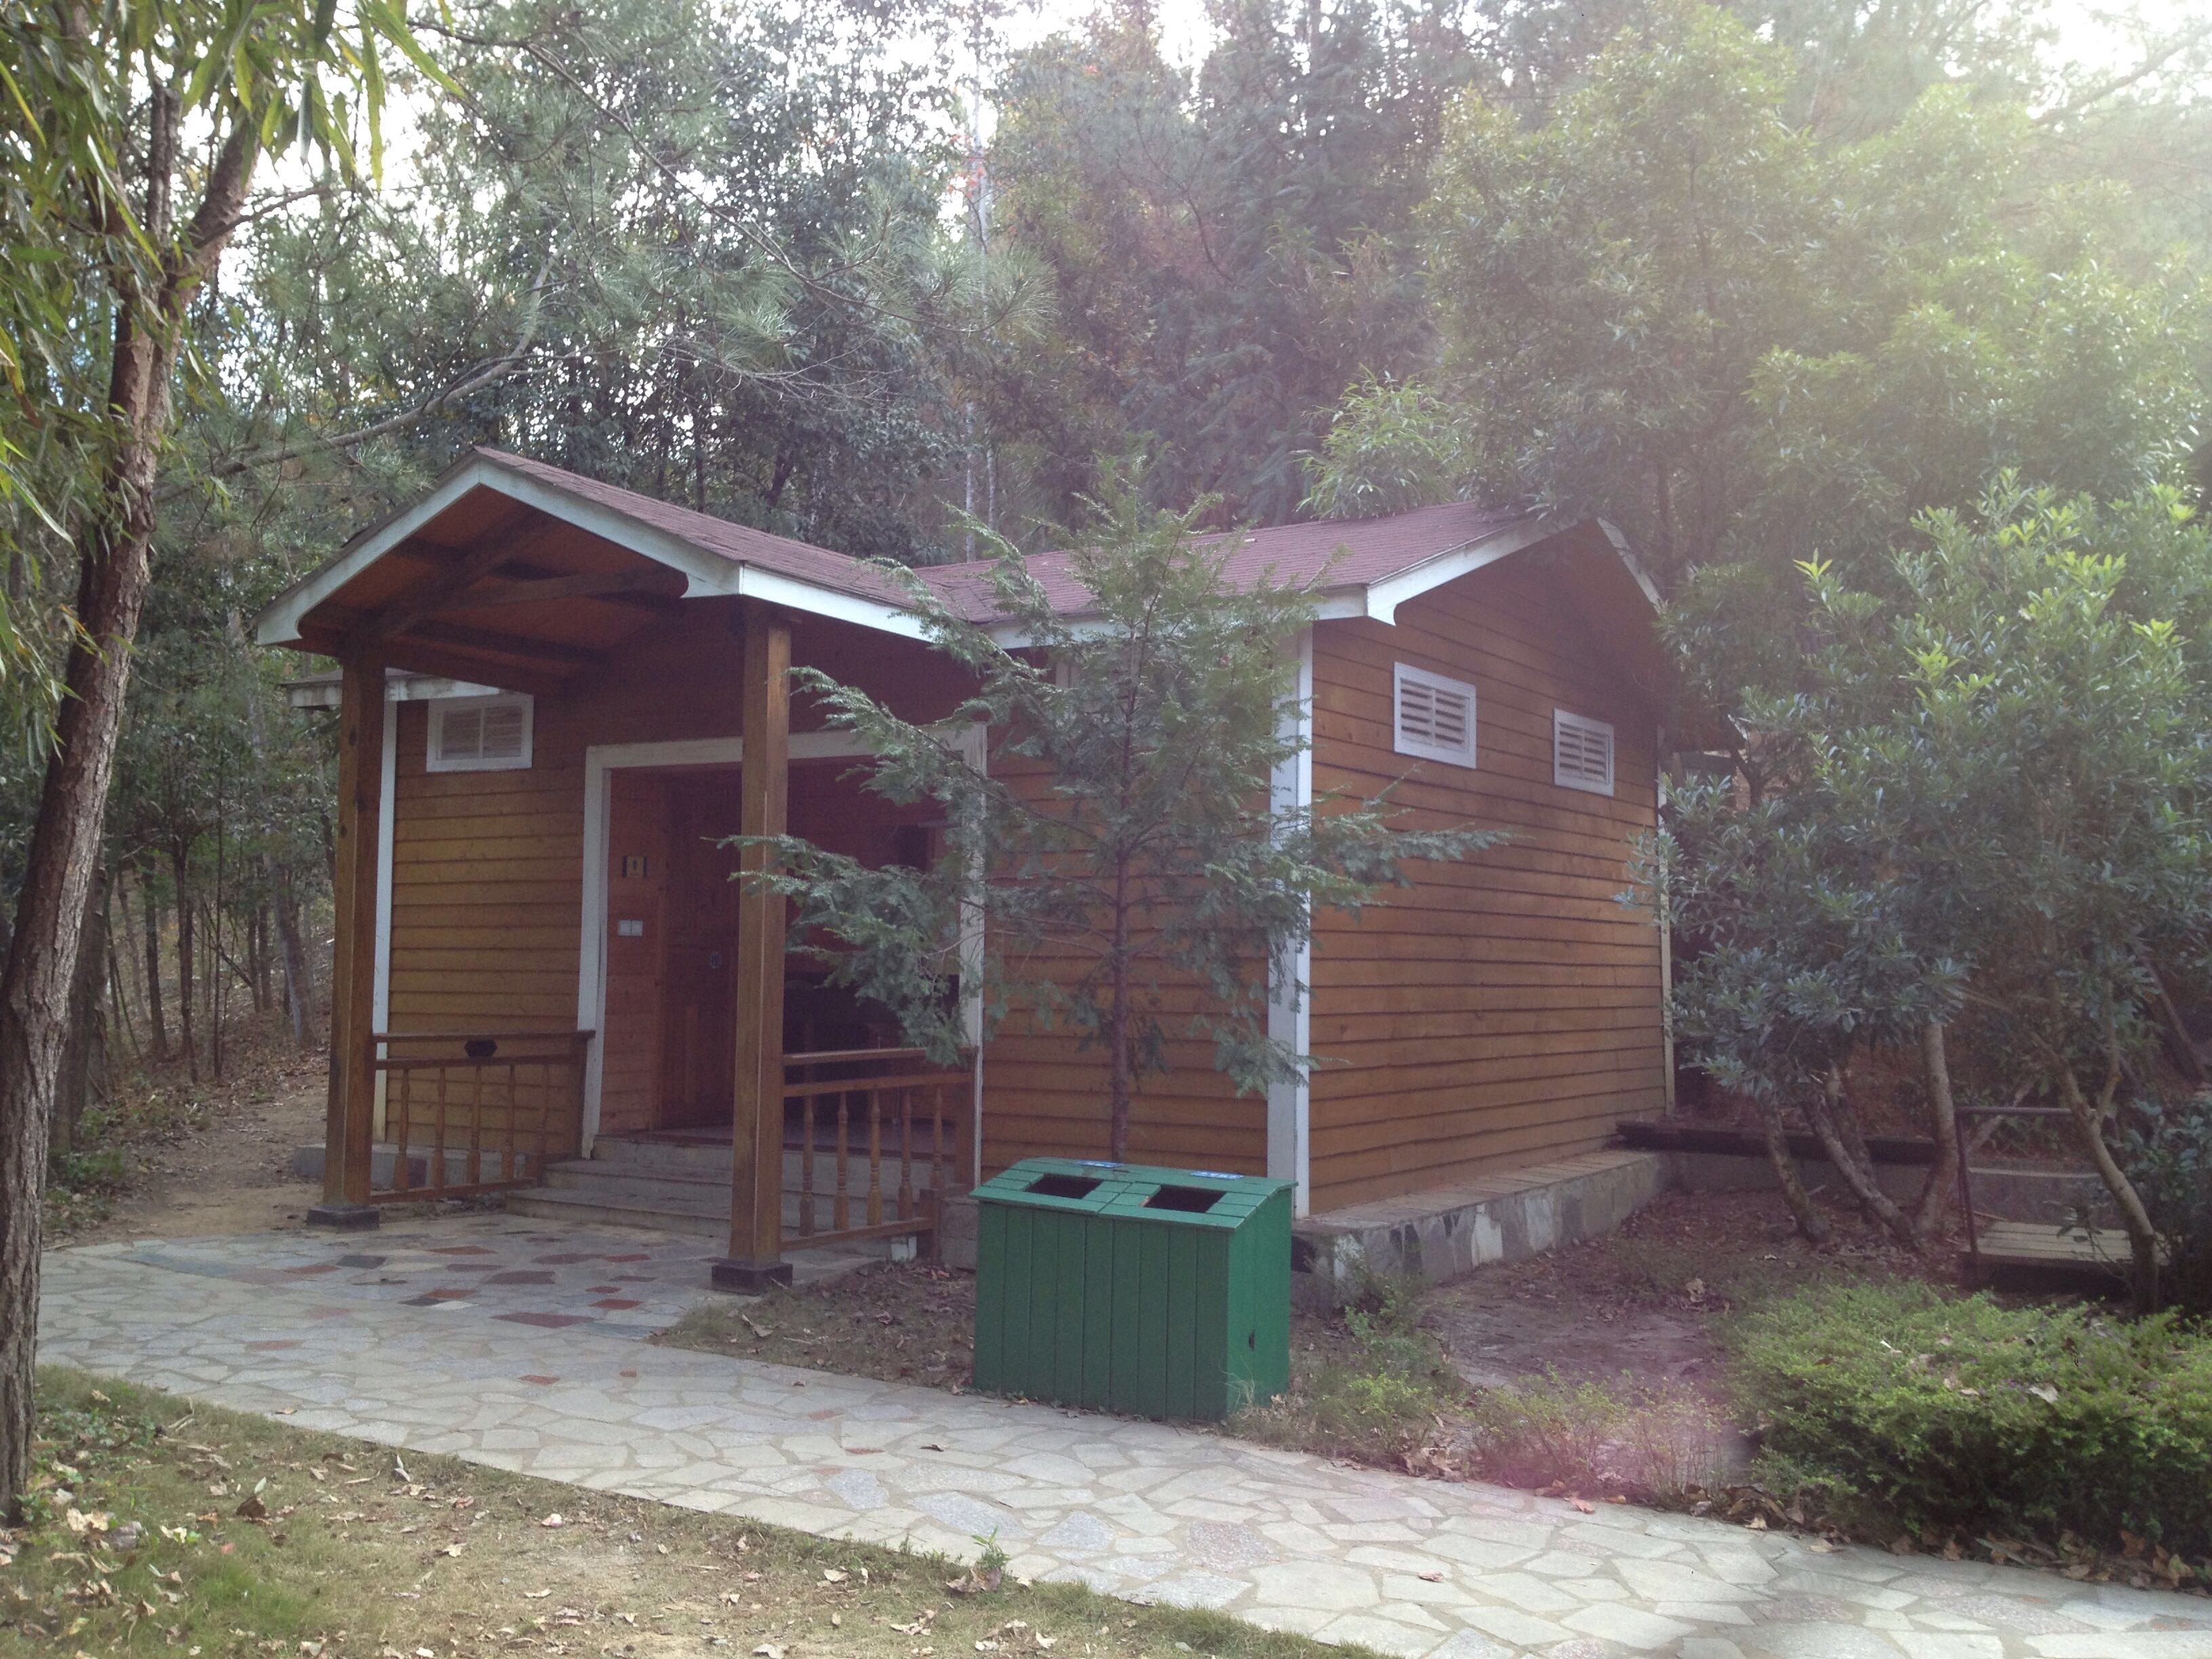 九鹏溪木屋厕所.JPG